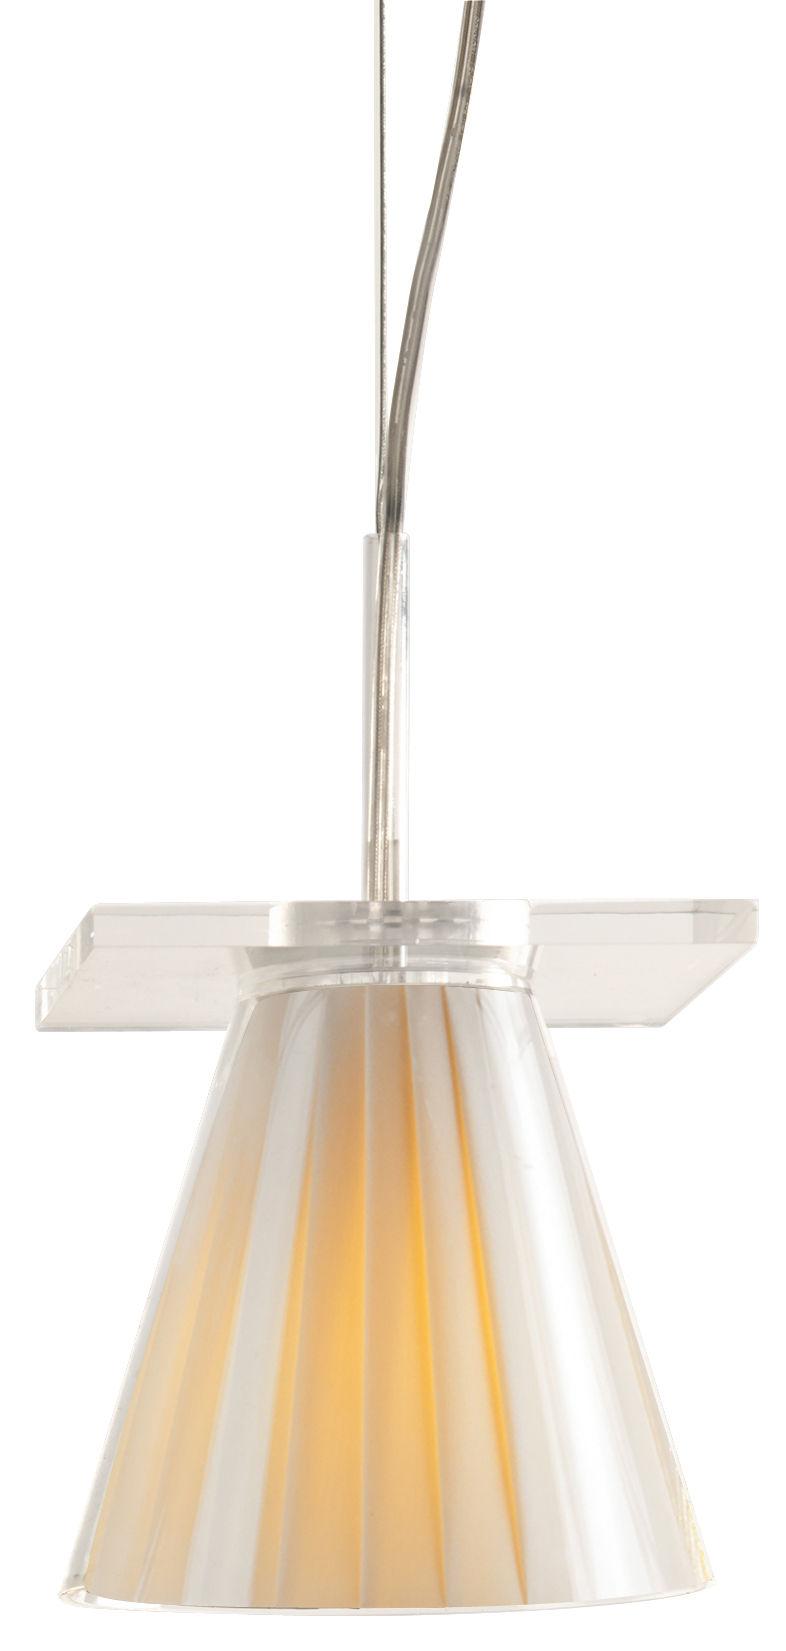 suspension light air abat jour tissu tissu beige kartell. Black Bedroom Furniture Sets. Home Design Ideas